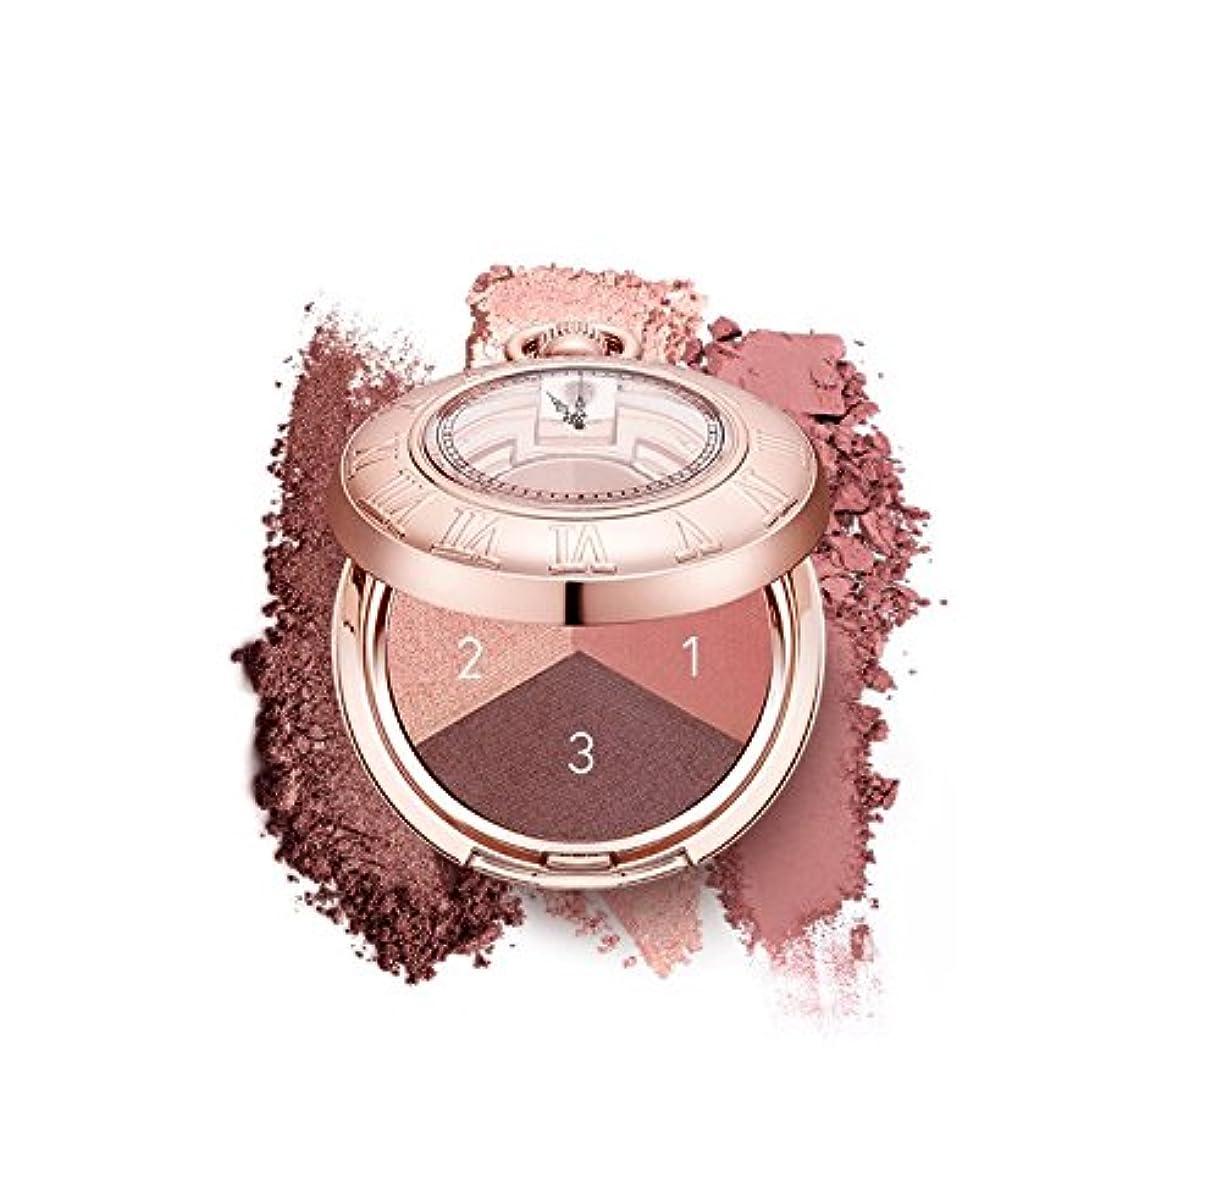 の量デコレーション不健全LABIOTTE (ラビオッテ) モメンティック タイム シャドウ / labiotte Momentique Time Shadow (11:00 o'clock) [並行輸入品]